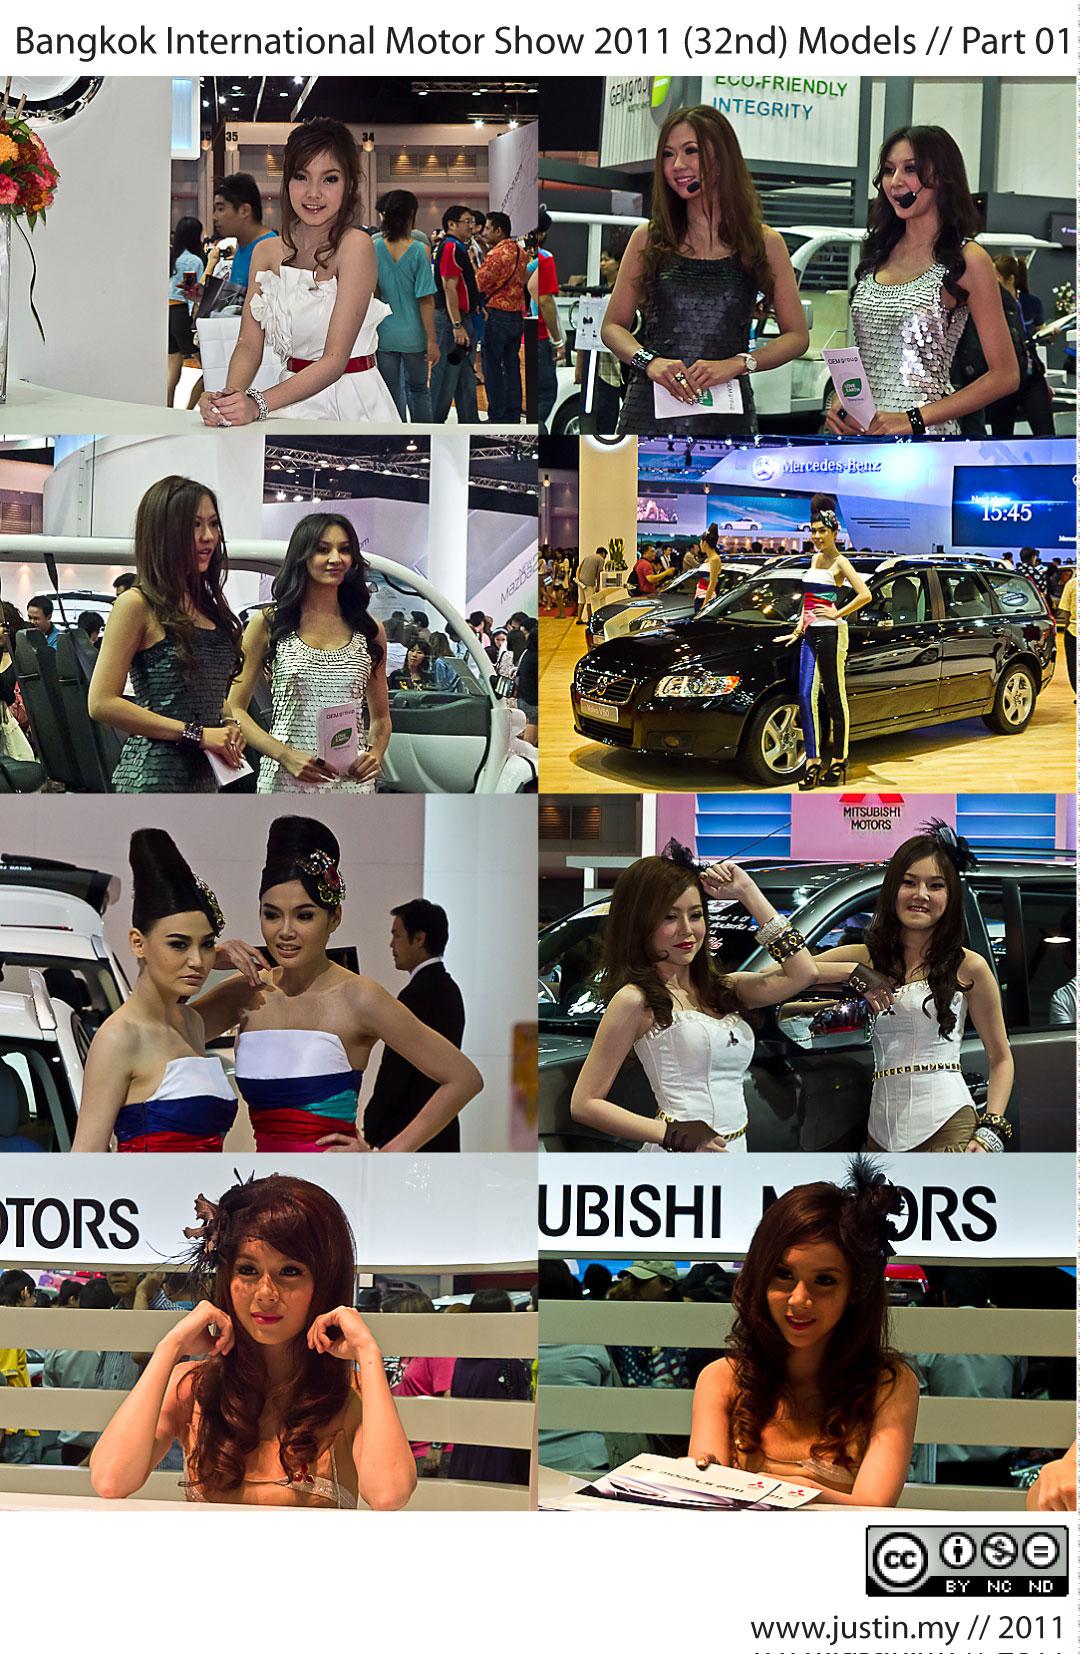 http://www.thamai.net/wp-content/uploads/2011/03/Bangkok-International-Motor-Show-2011-Model-01.jpg